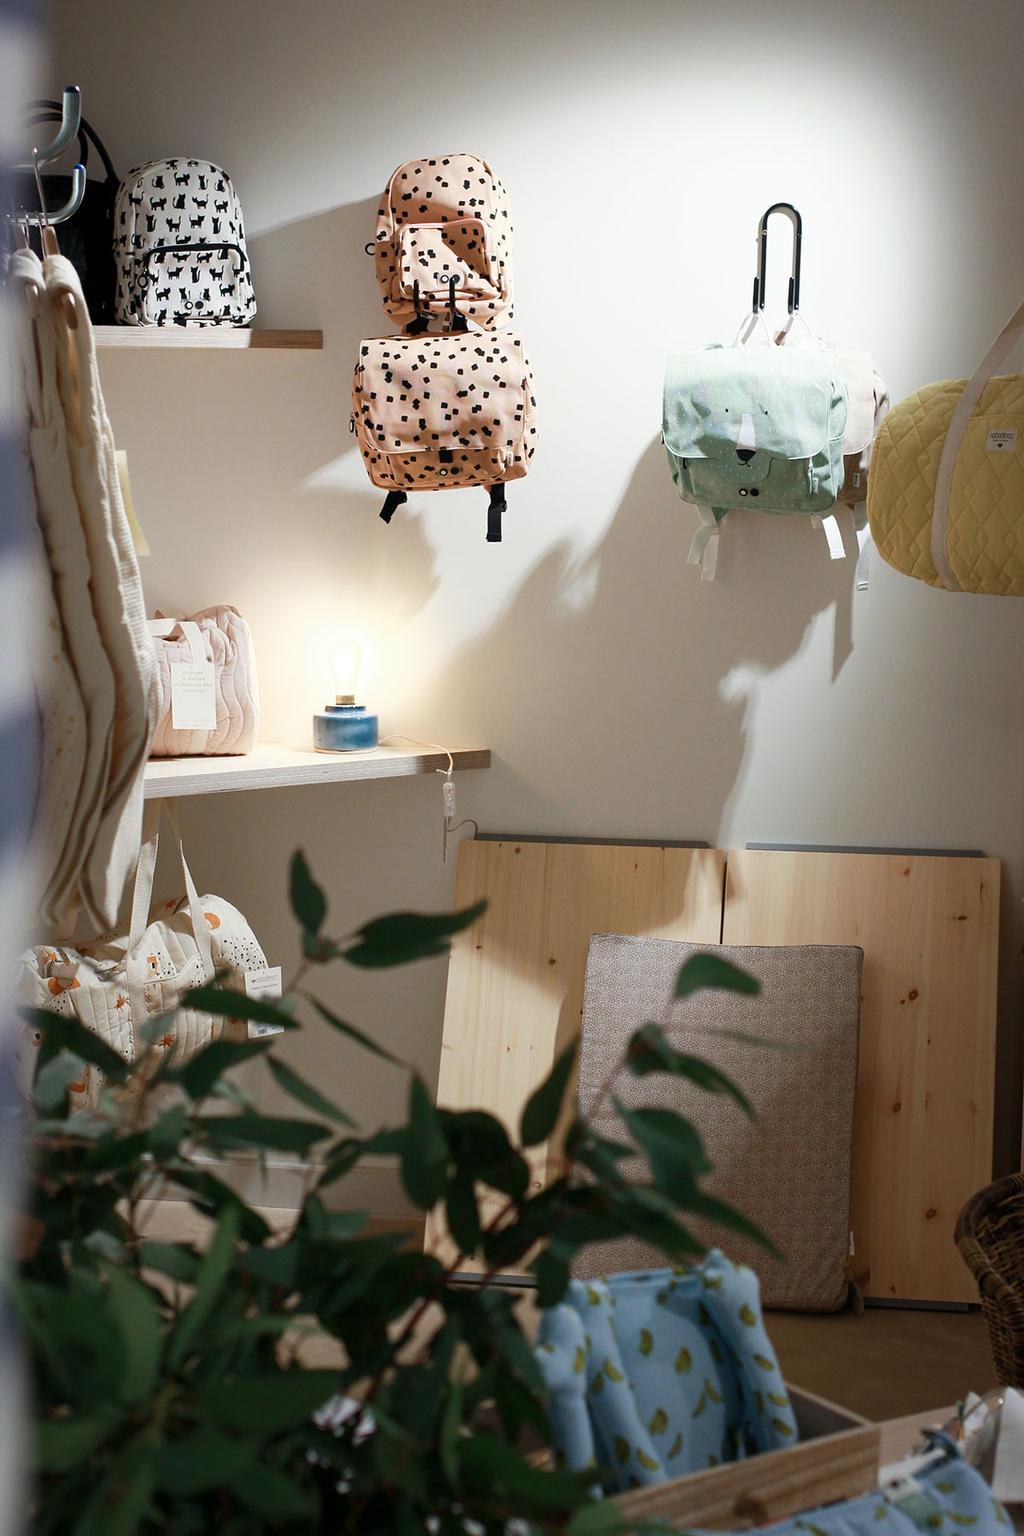 Winkel Kabine in Koksijde met gadgets voor kinderen